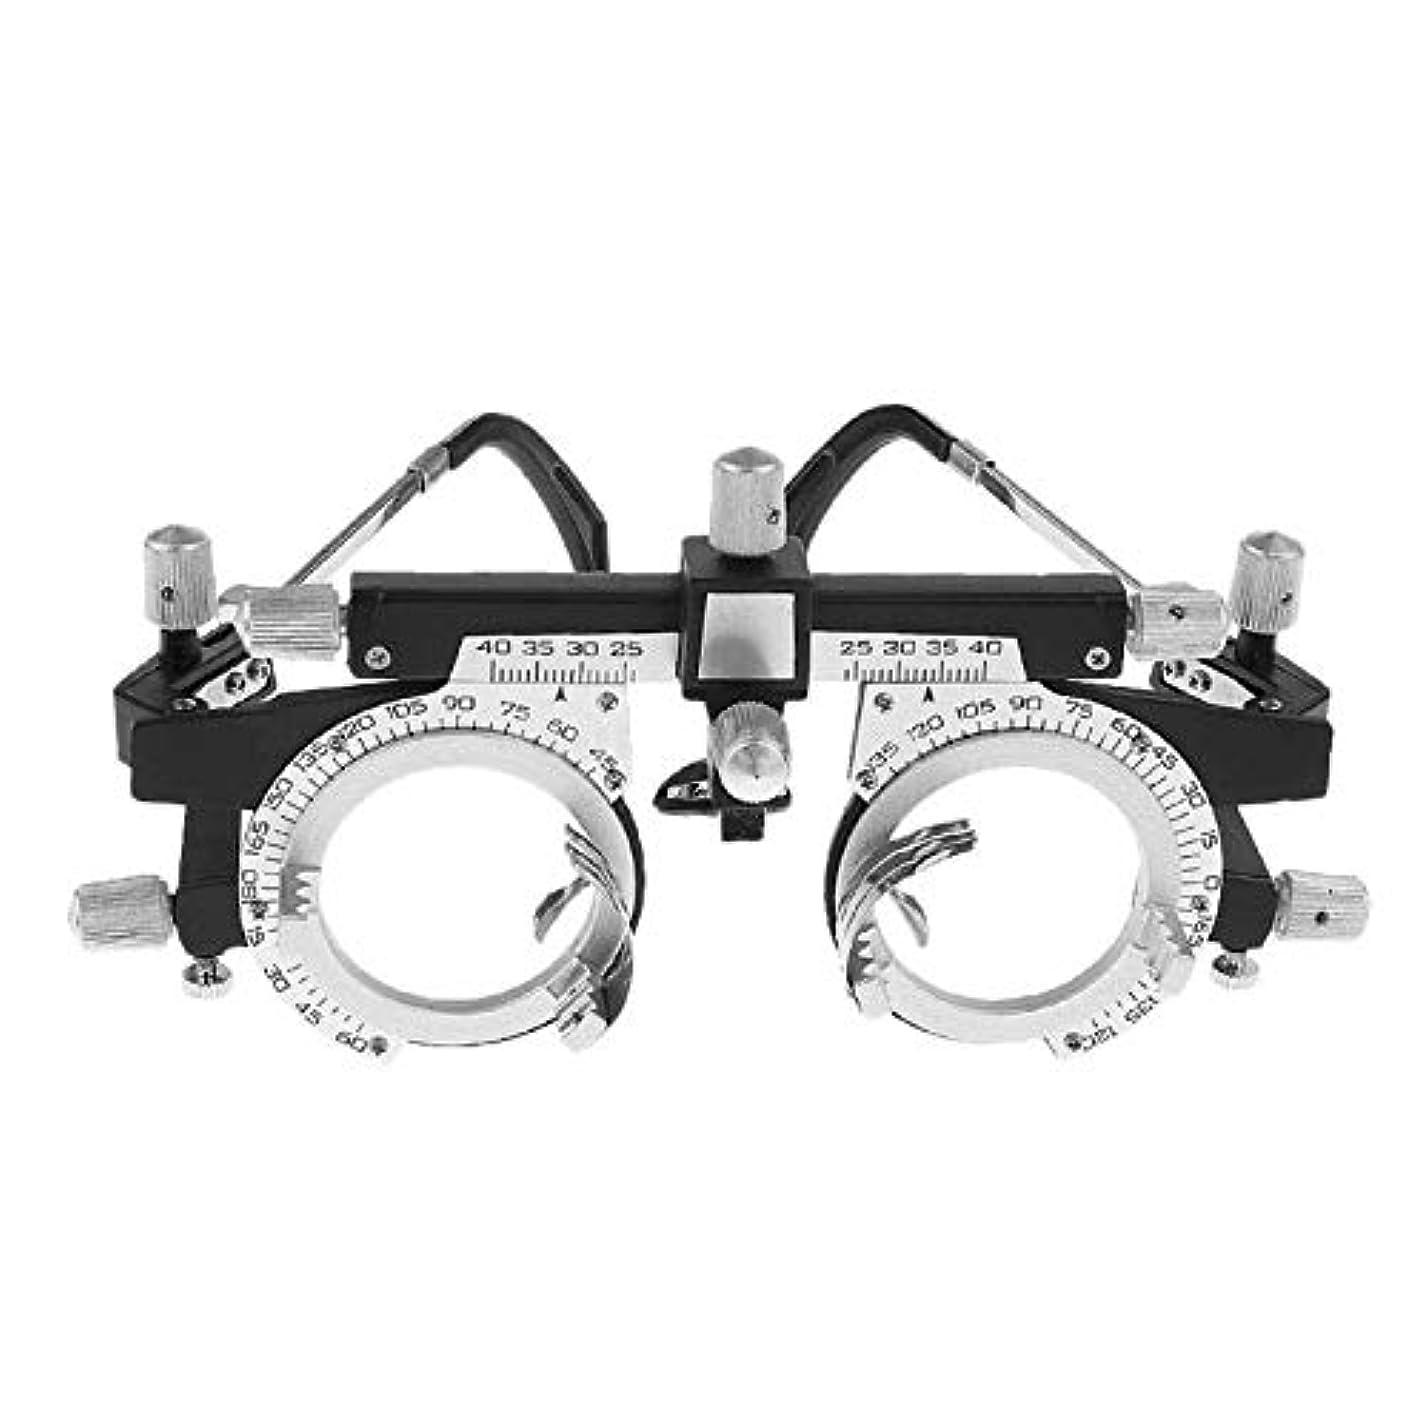 頂点ロッカー違反[Ballyboom-JP] 調節可能なプロフェッショナル眼鏡検眼フレーム眼鏡店試用レンズ枠